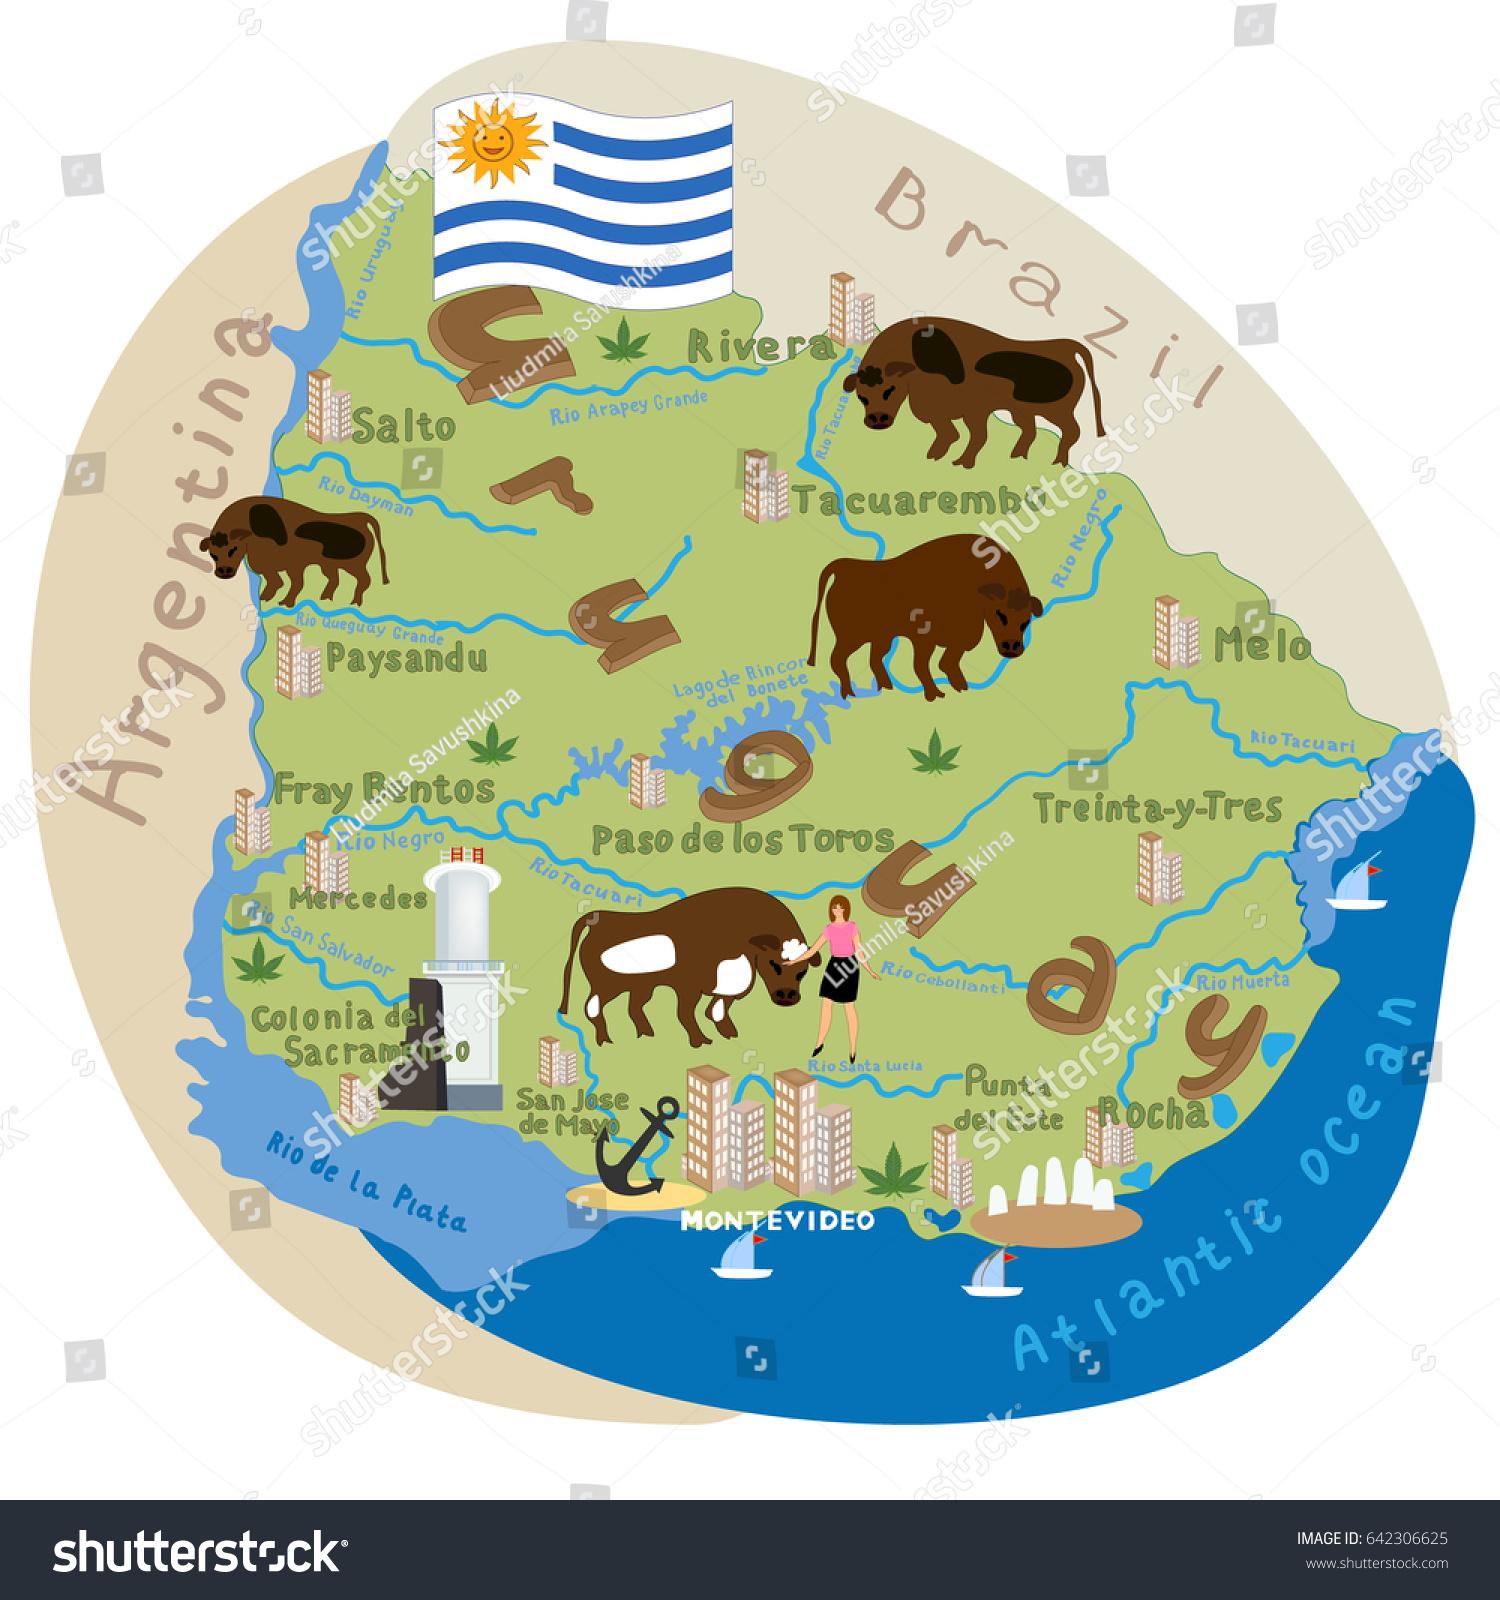 Uruguay Vector Cartoon Illustration Uruguay Map Stock Vector - Uruguay map